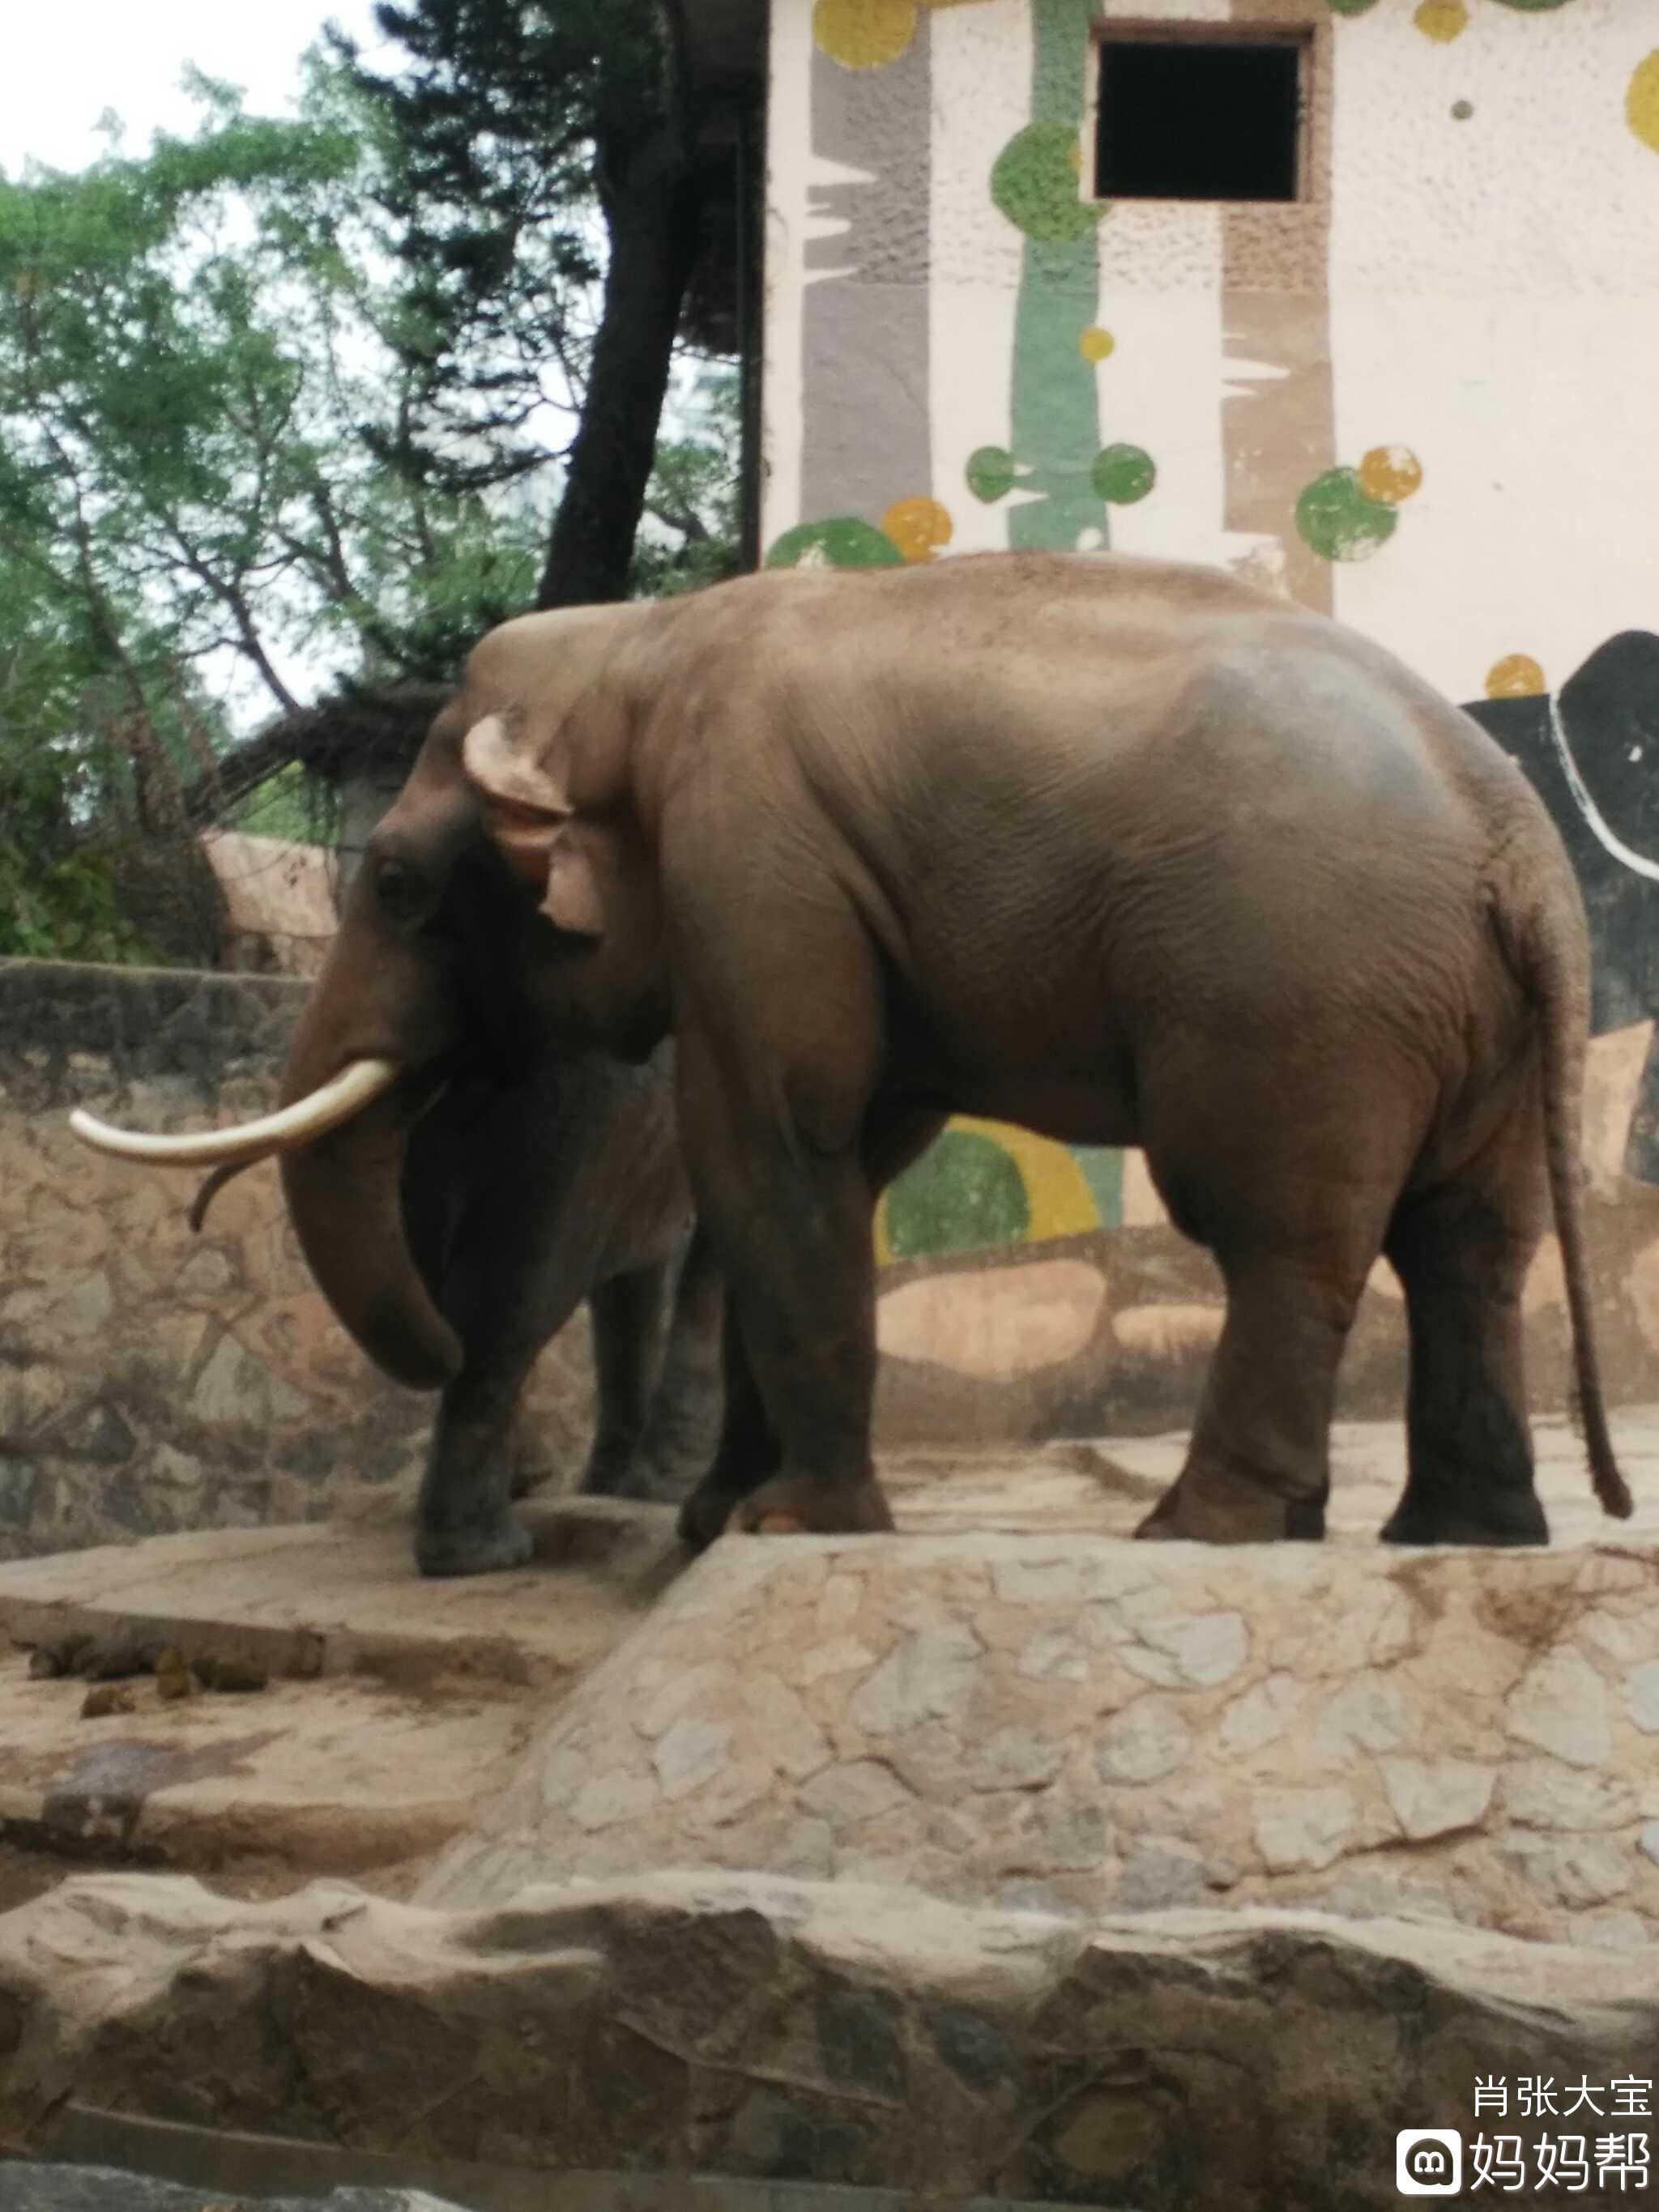 壁纸 大象 动物 2048_2731 竖版 竖屏 手机